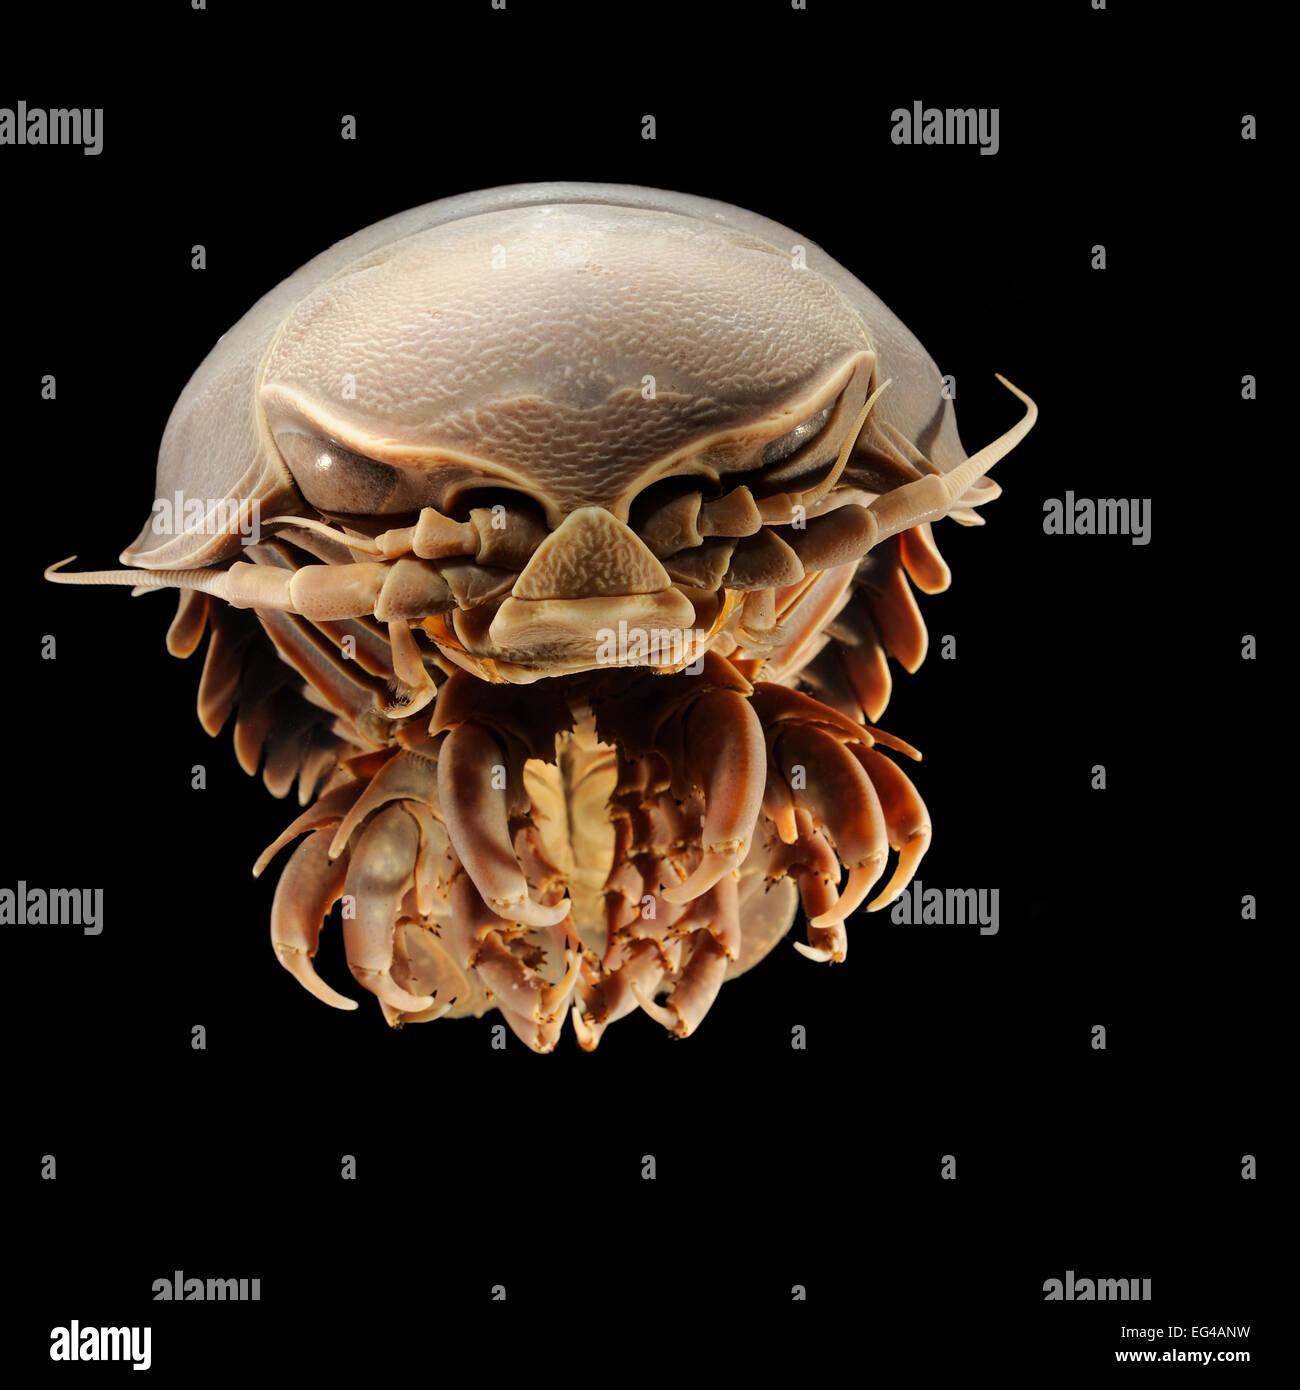 Giant isopod en aguas profundas (Bathynomus giganteus) foto fue tomada en el Museo Zoológico de cooperación universidad Hamburgo Foto de stock